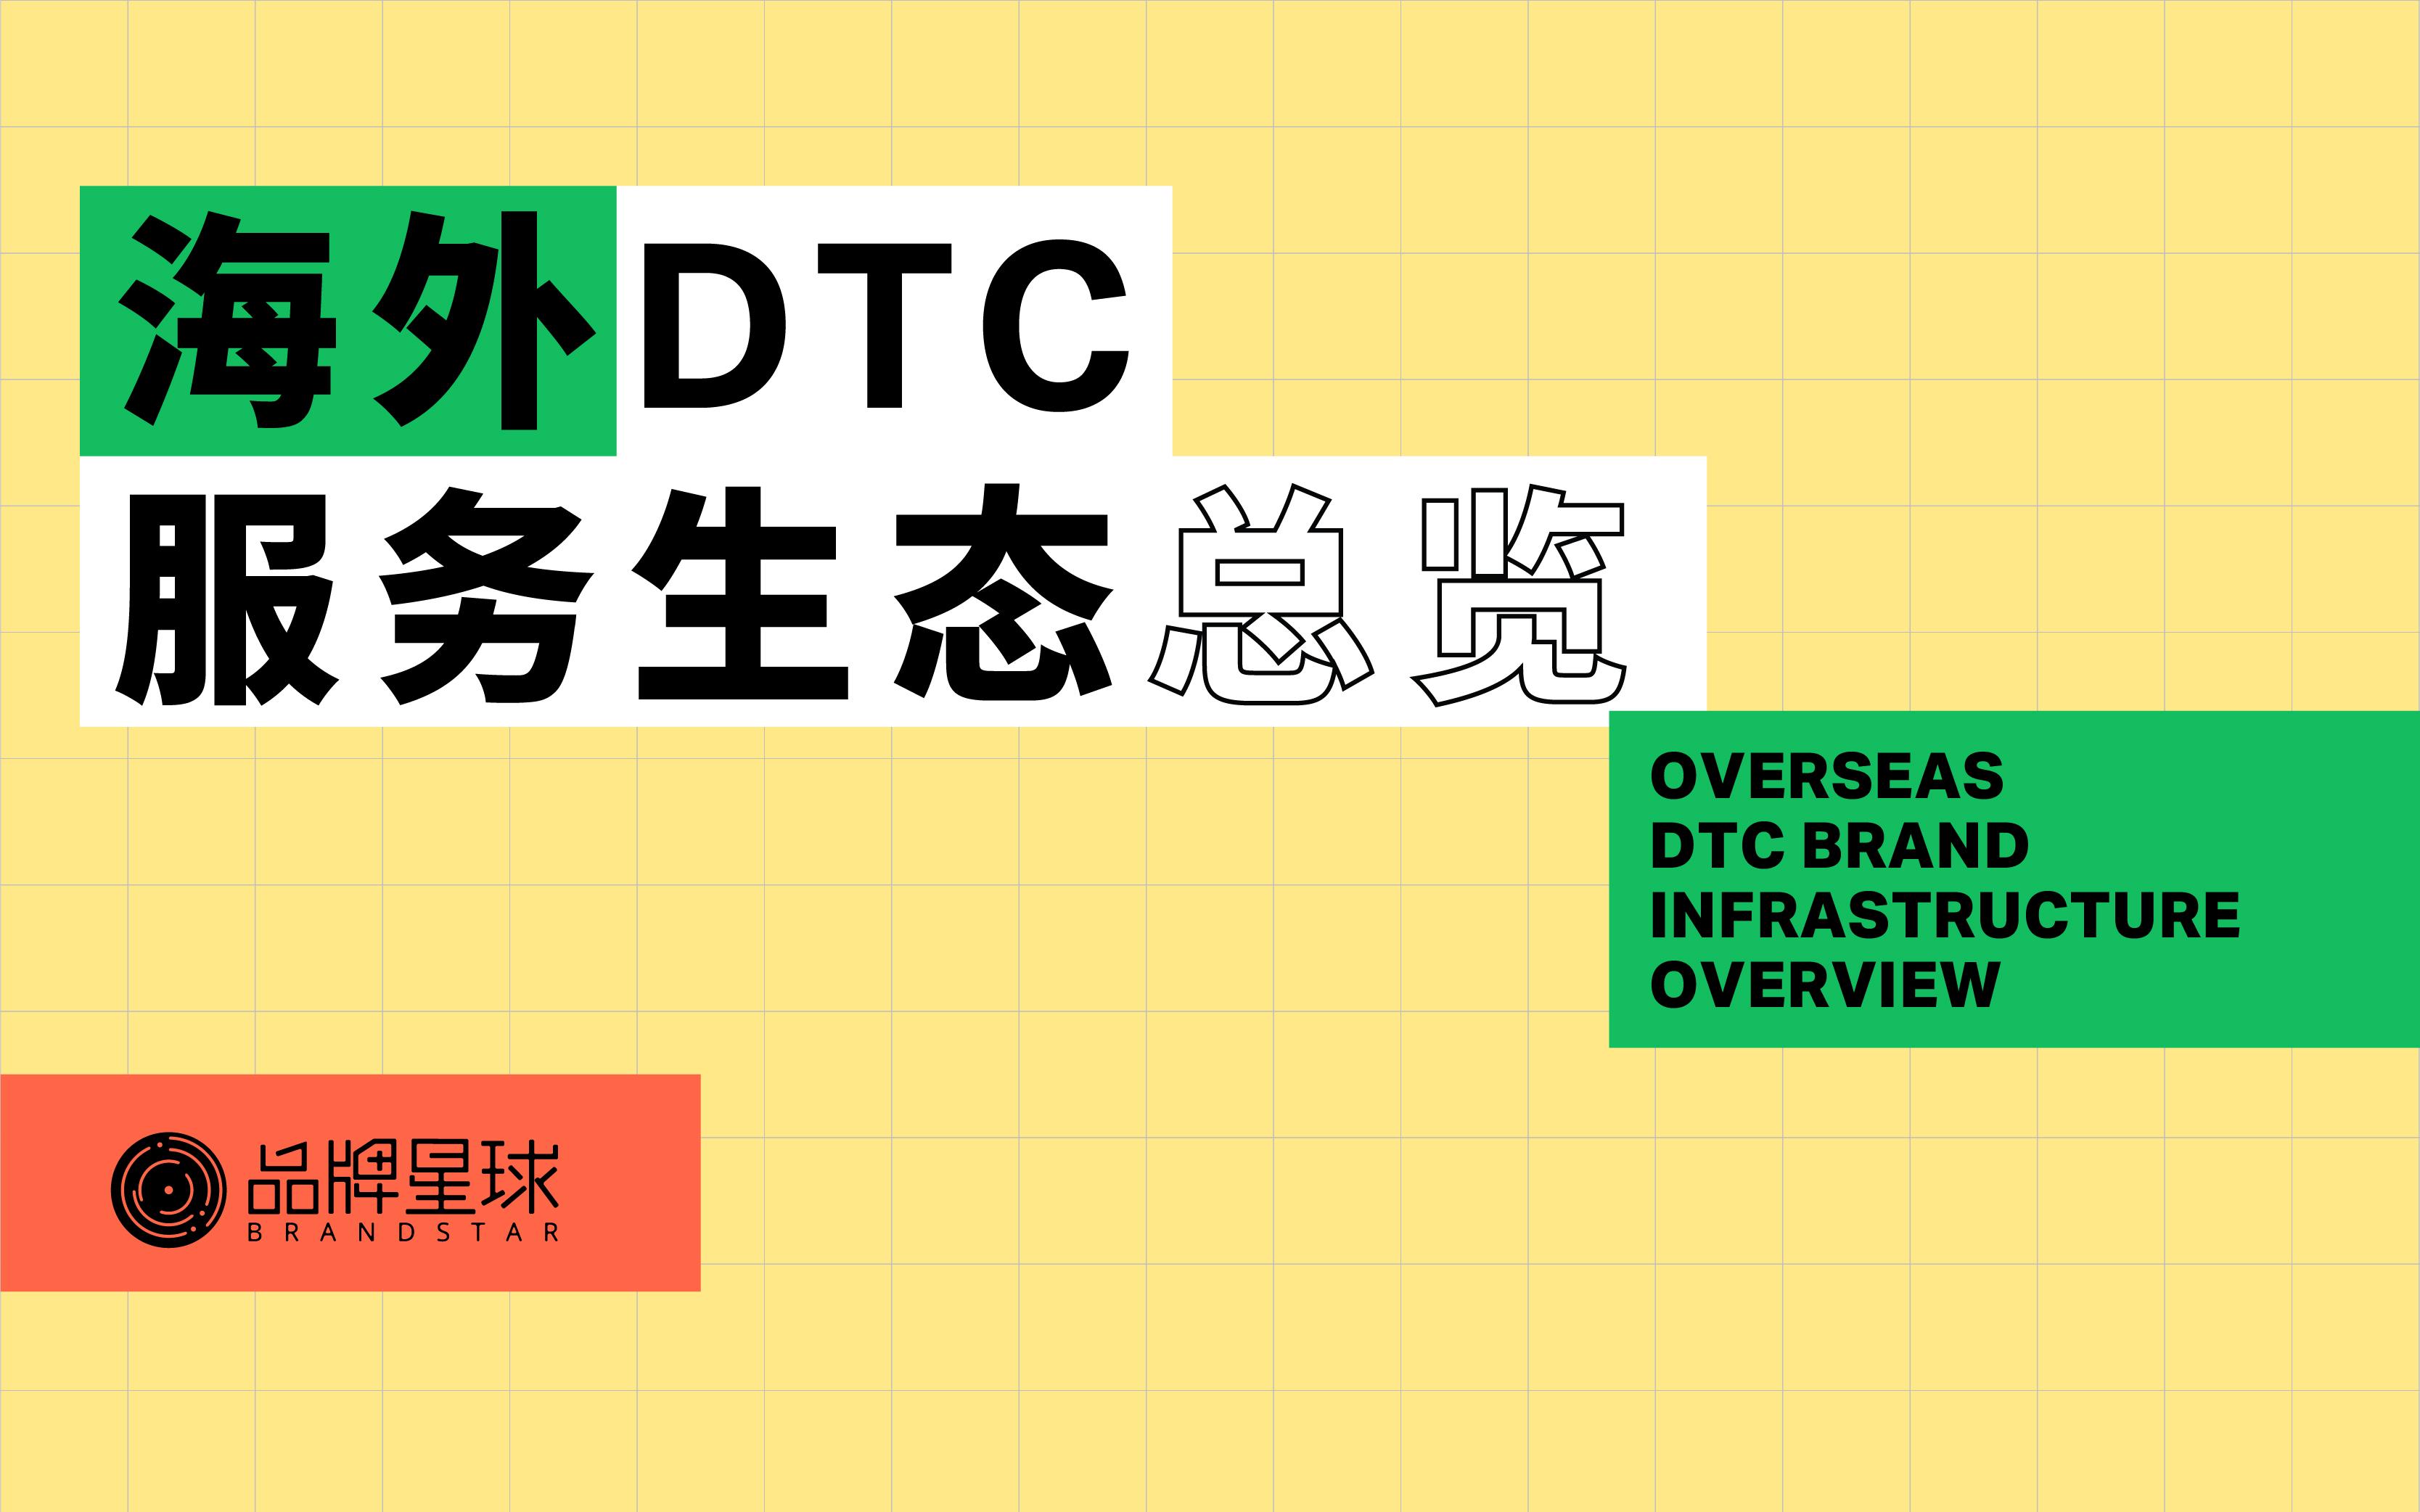 品牌星球海外 DTC 新品牌指南:围绕 DTC 品牌兴起的服务生态